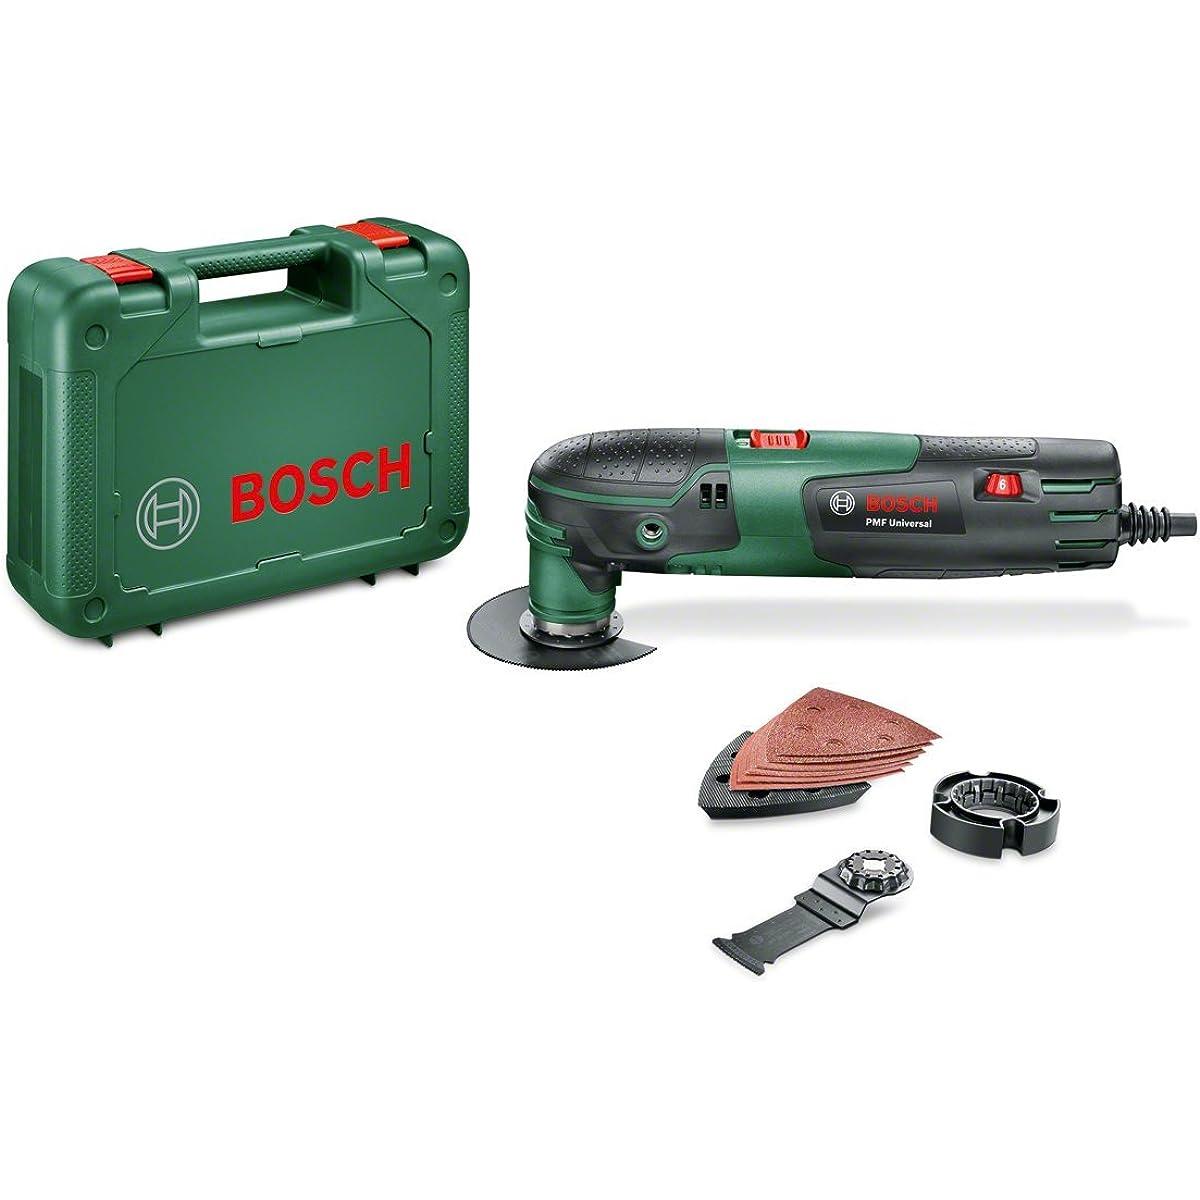 Auf der Suche nach einem guten Multifunktionswerkzeug werden Sie bei dem Hersteller Bosch fündig.